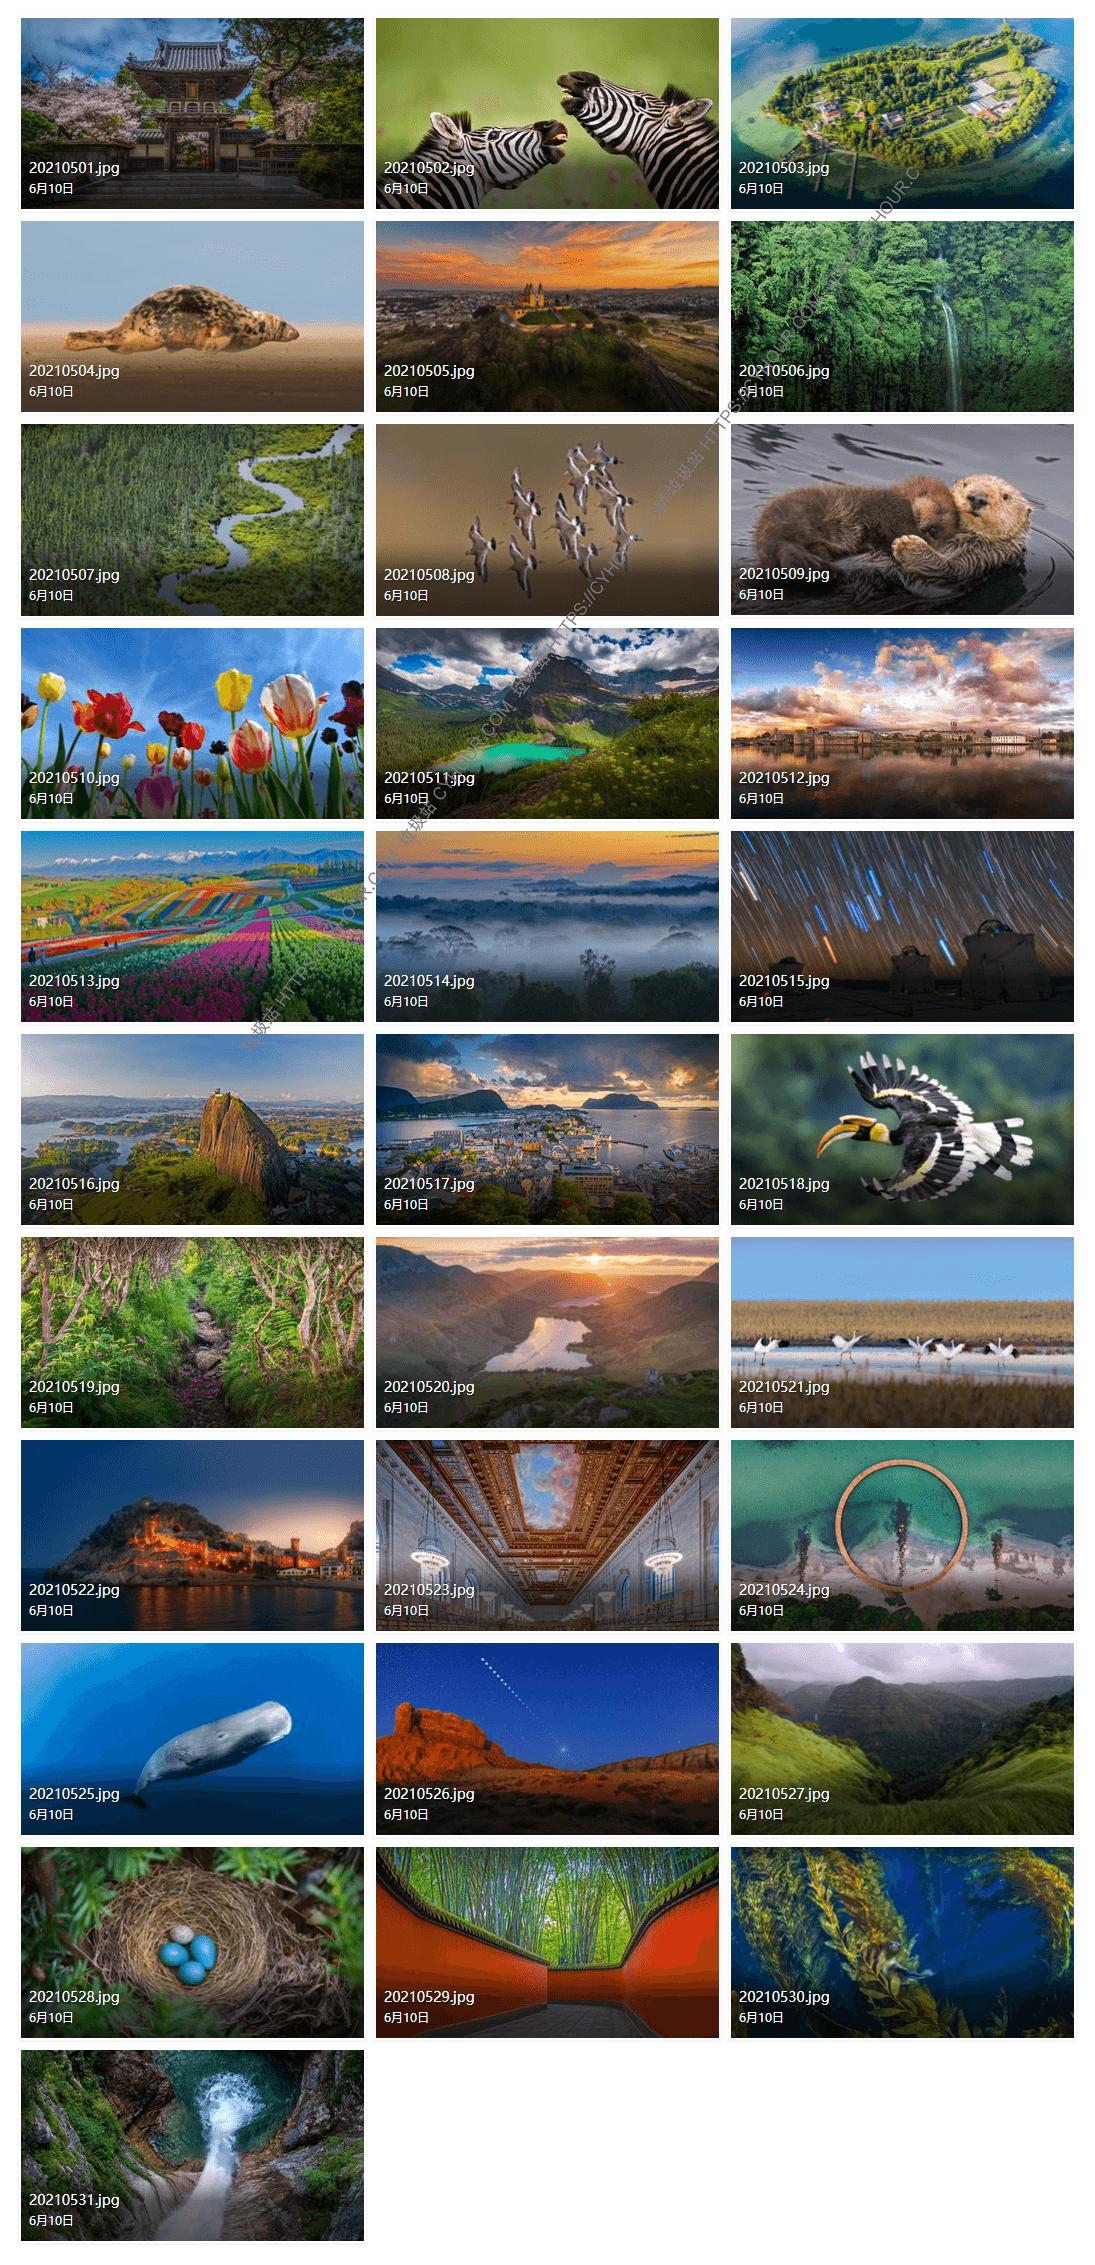 2021年05月 微软 Bing 必应壁纸图片 31张 4K高分辨率 打包下载-垃圾站